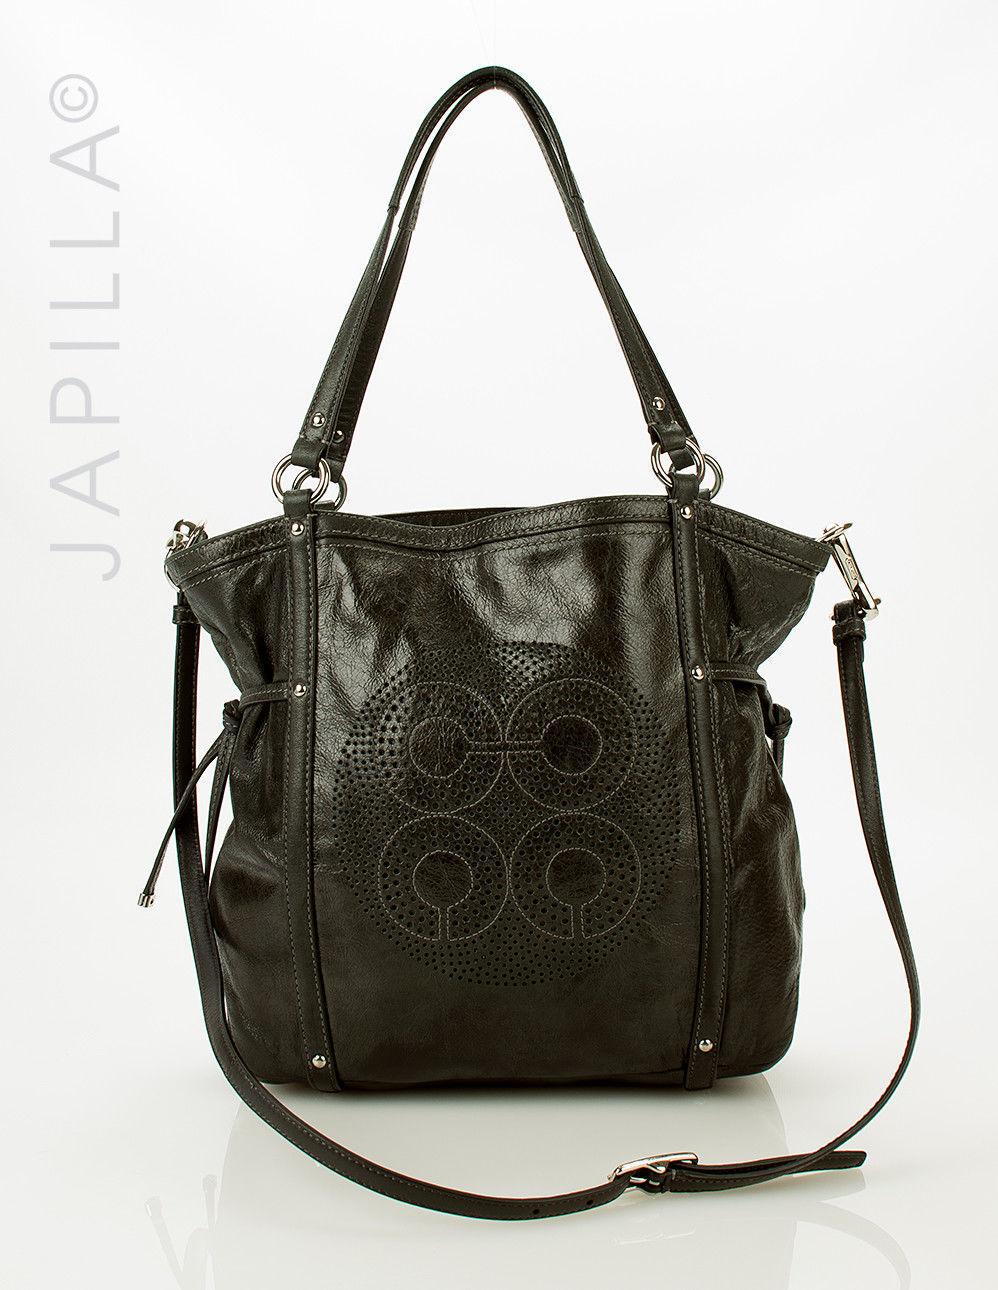 Coach Audrey Leather Cinched Tote shoulder bag purse -  117.81 13fc00d88f462